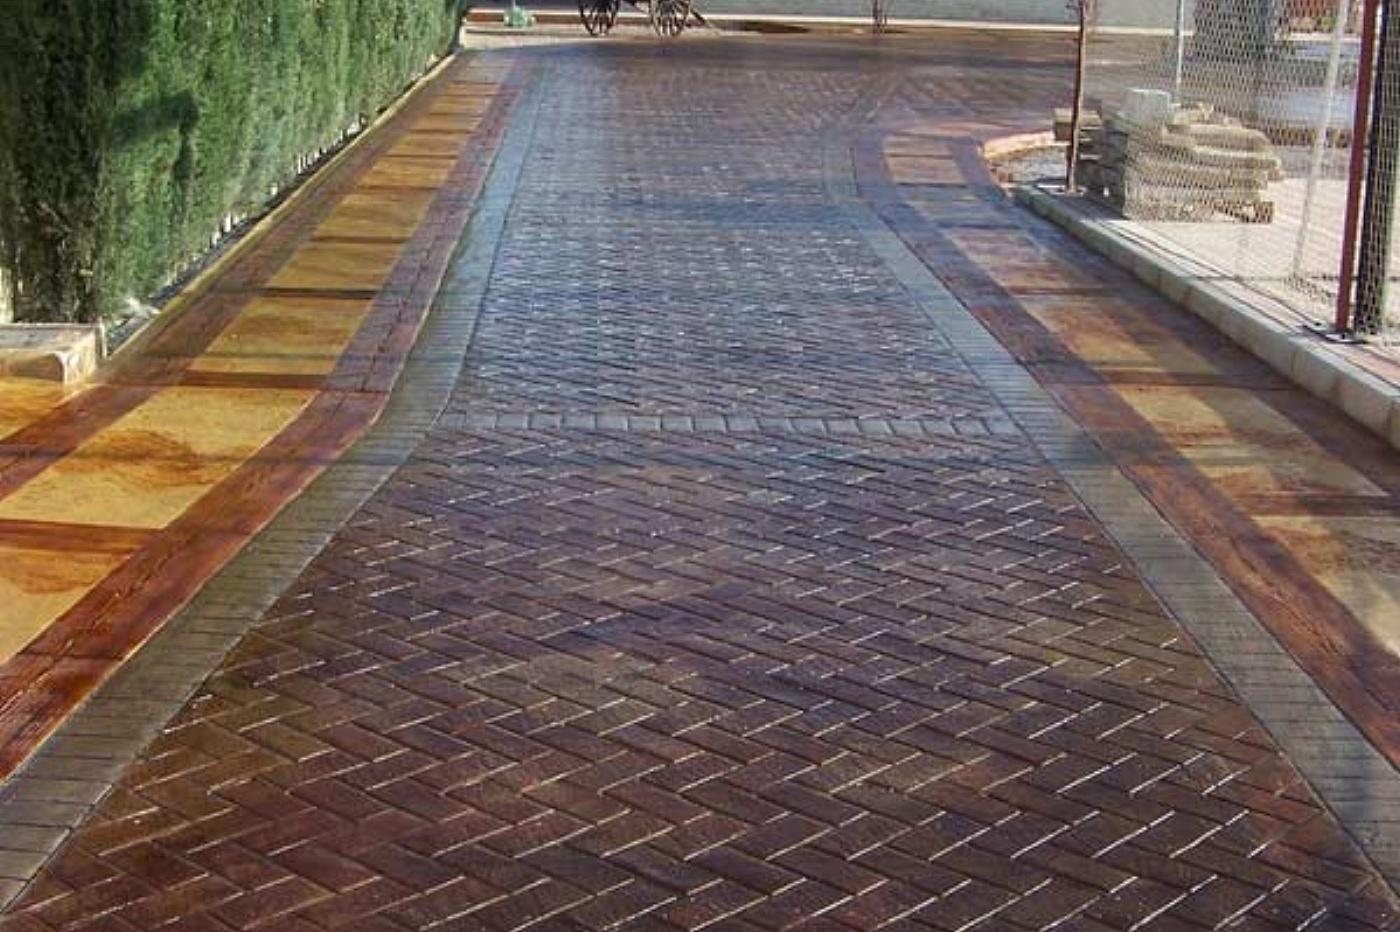 Pavimenti In Cemento Stampato : Pavimproject cemento stampato e microcemento u003eu003e trovapavimenti.it